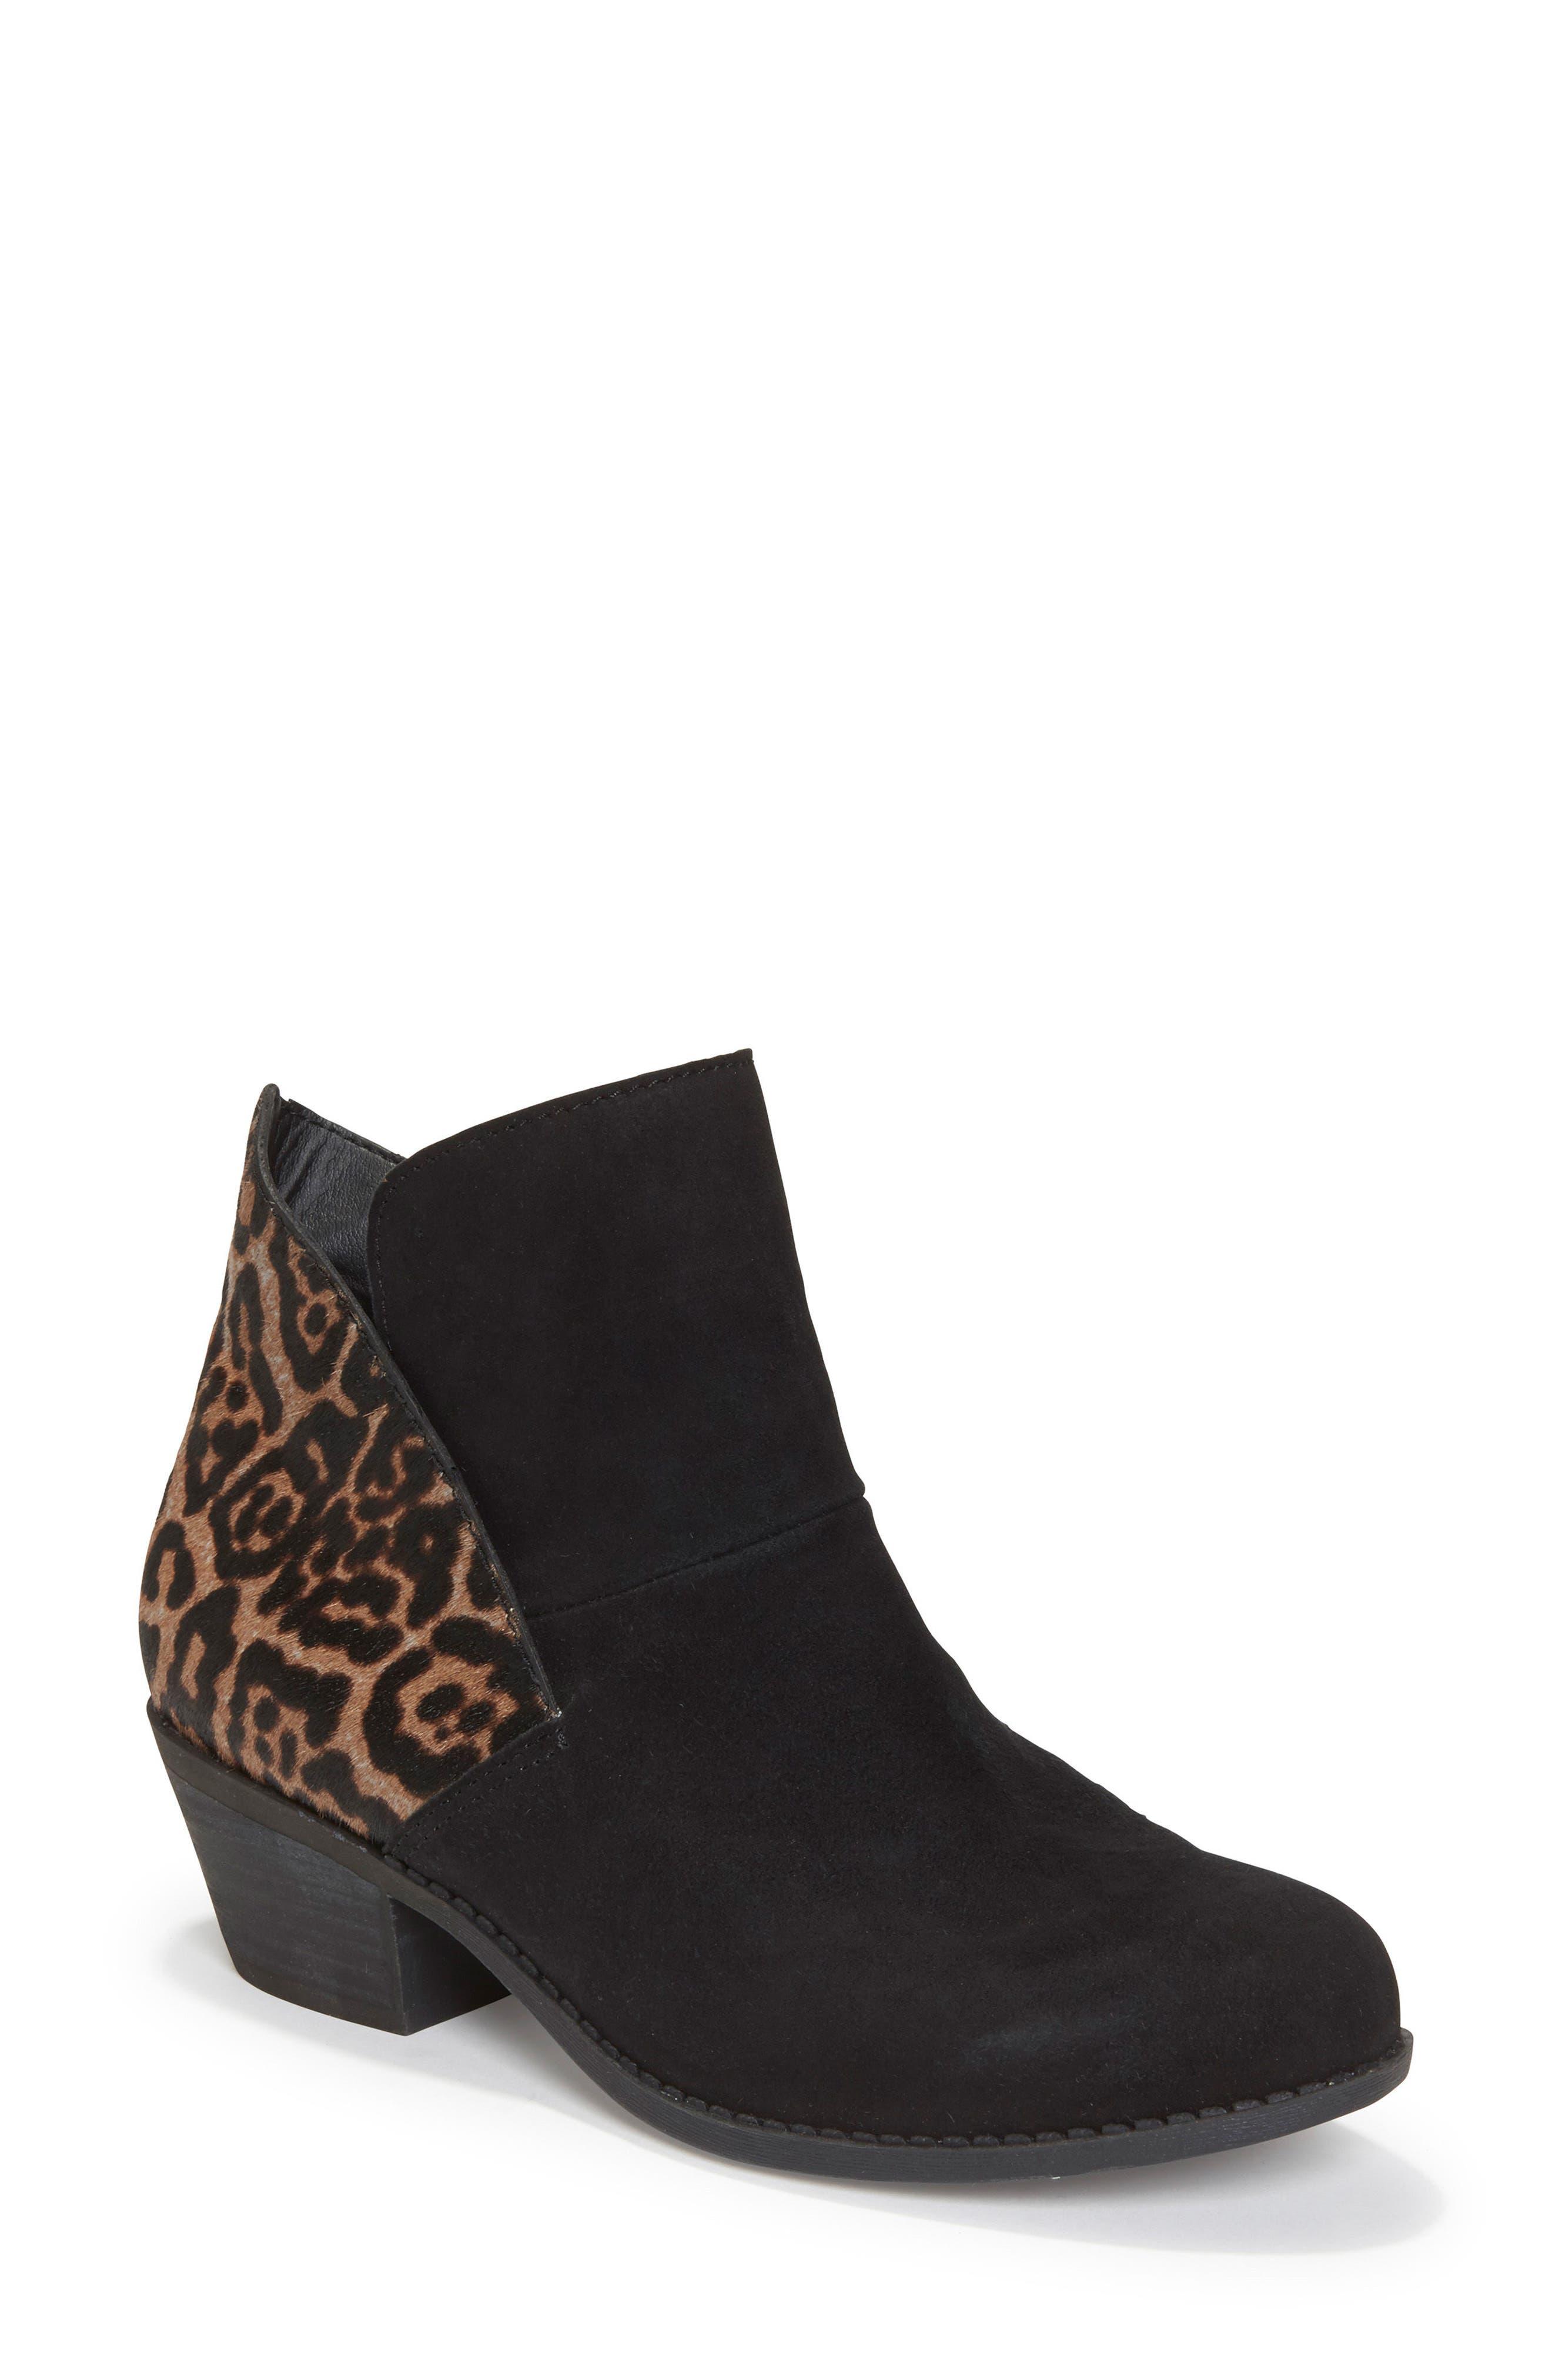 Zena Ankle Boot,                         Main,                         color, Black/ Ash Jaguar Suede